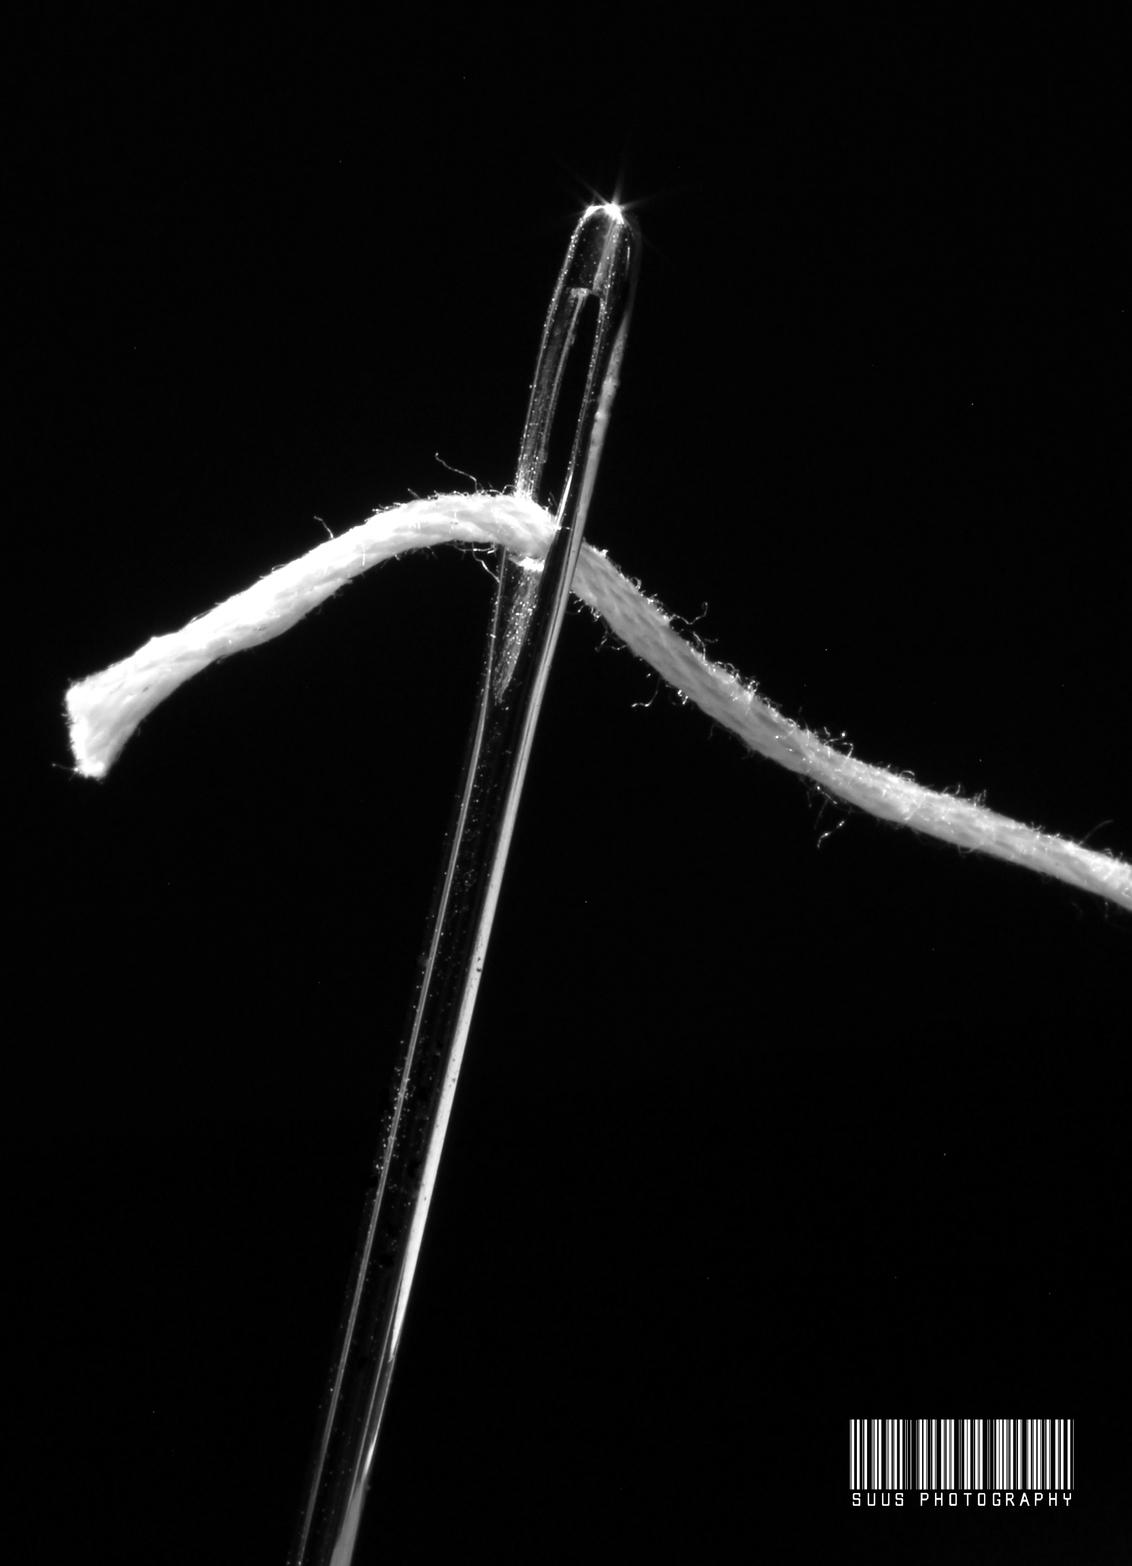 Voor elke naald een draad hebben - - - foto door susannekim op 04-01-2021 - deze foto bevat: macro, draad, naald